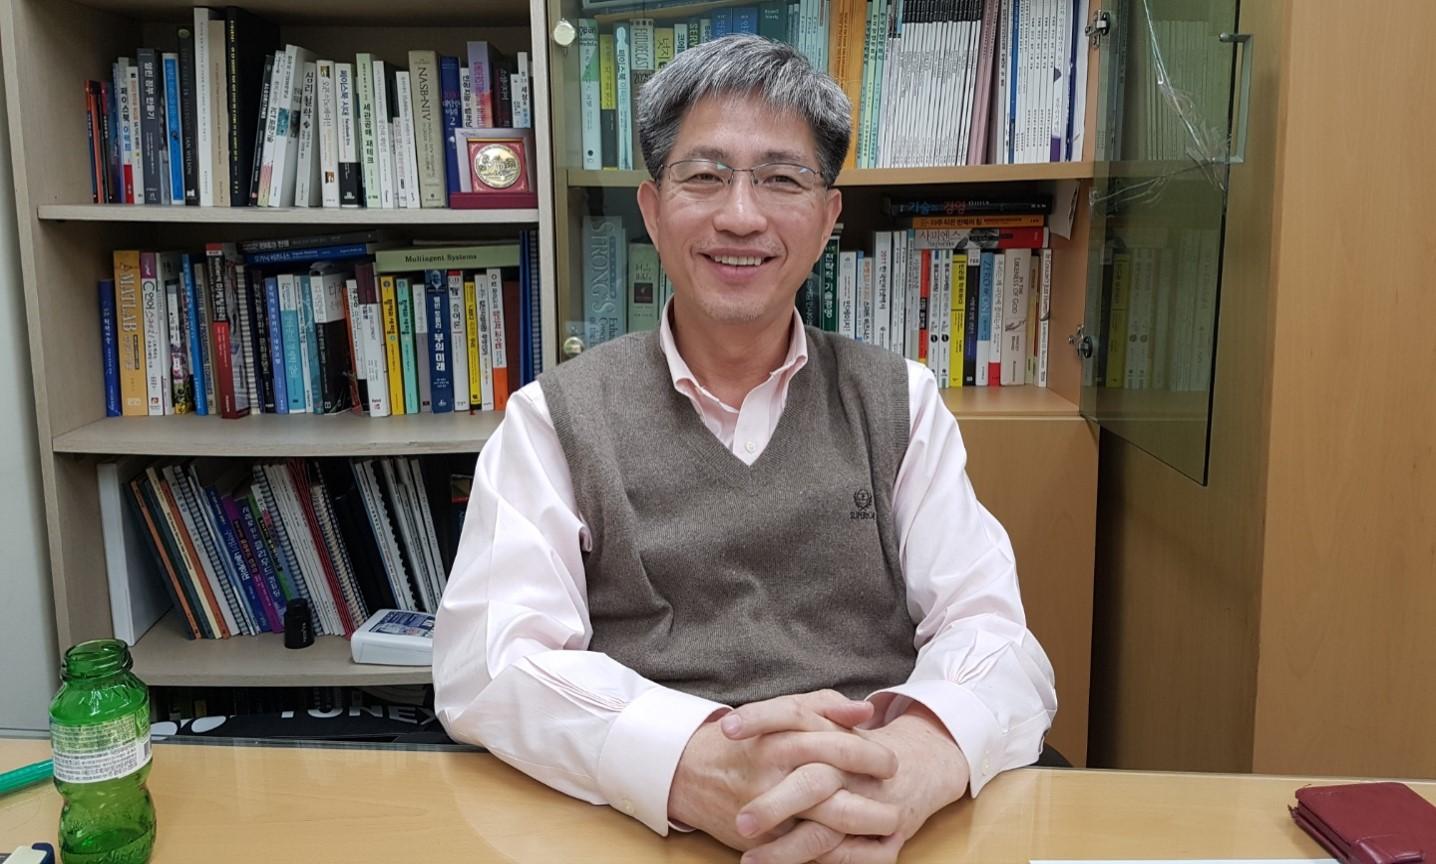 블록체인 커뮤니티그룹 의장 건국대학교 이영환 교수